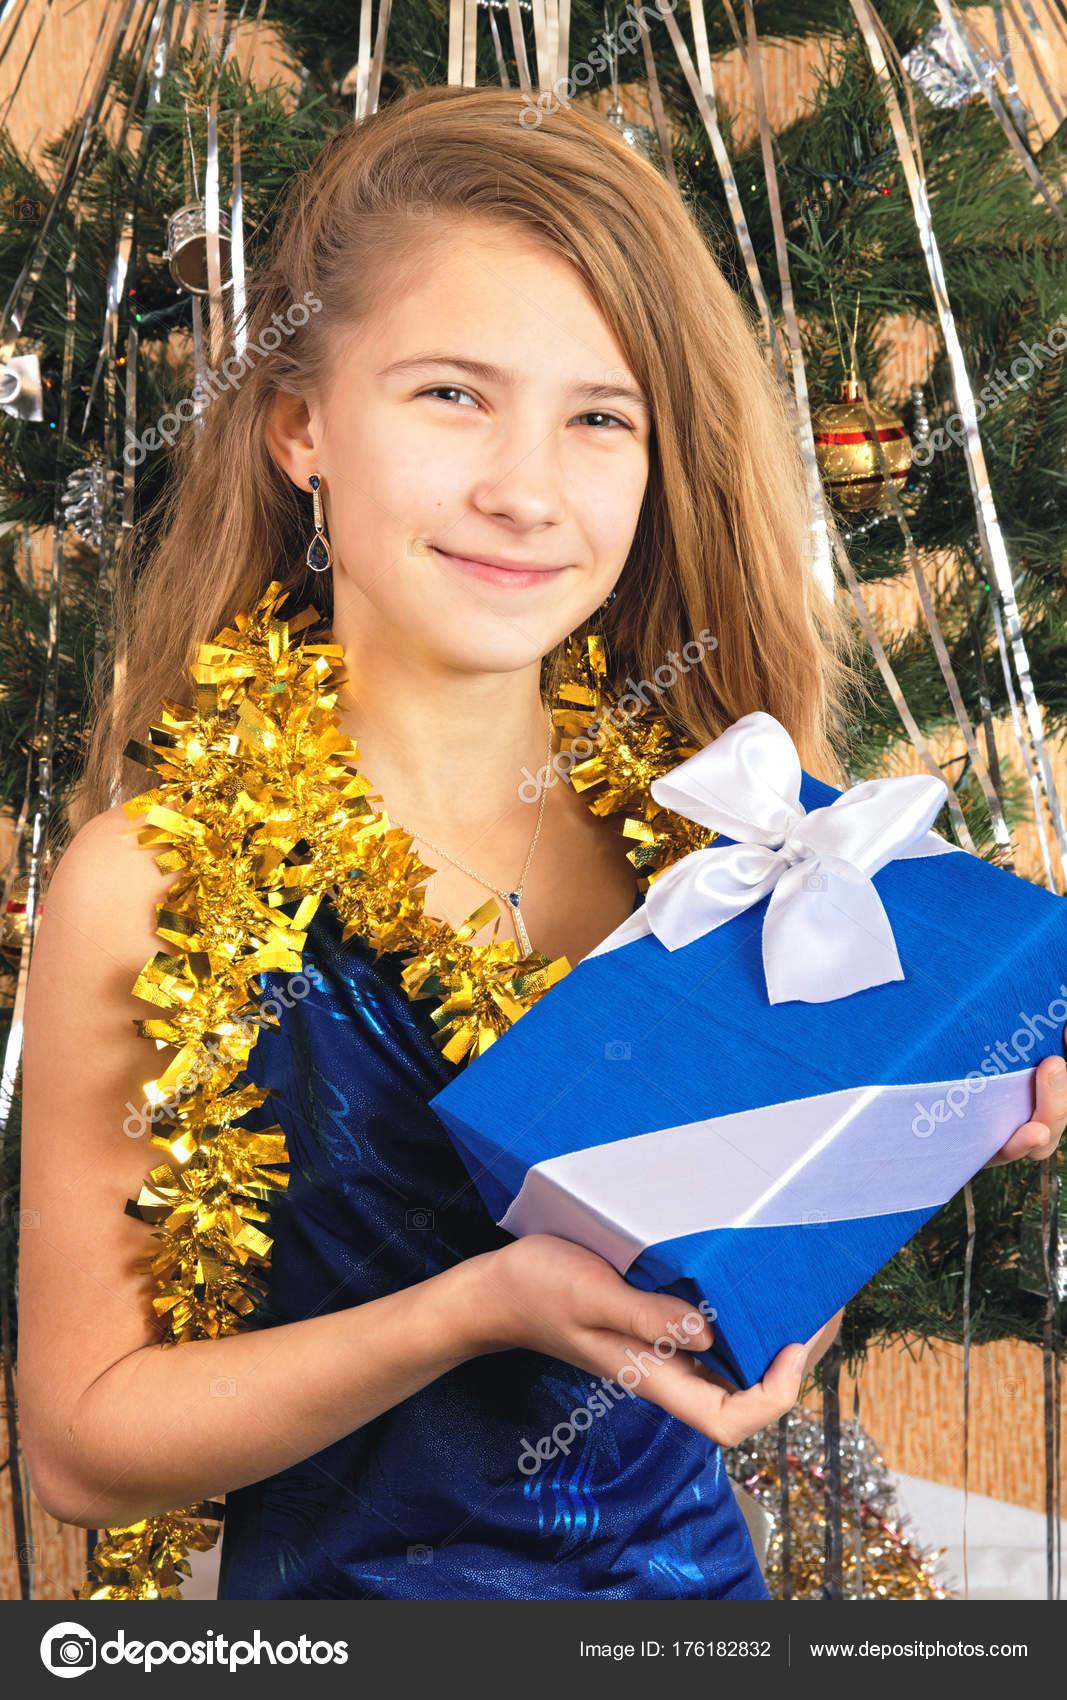 Mädchen Teenager im eleganten Kleid hält ein Weihnachtsgeschenk ...